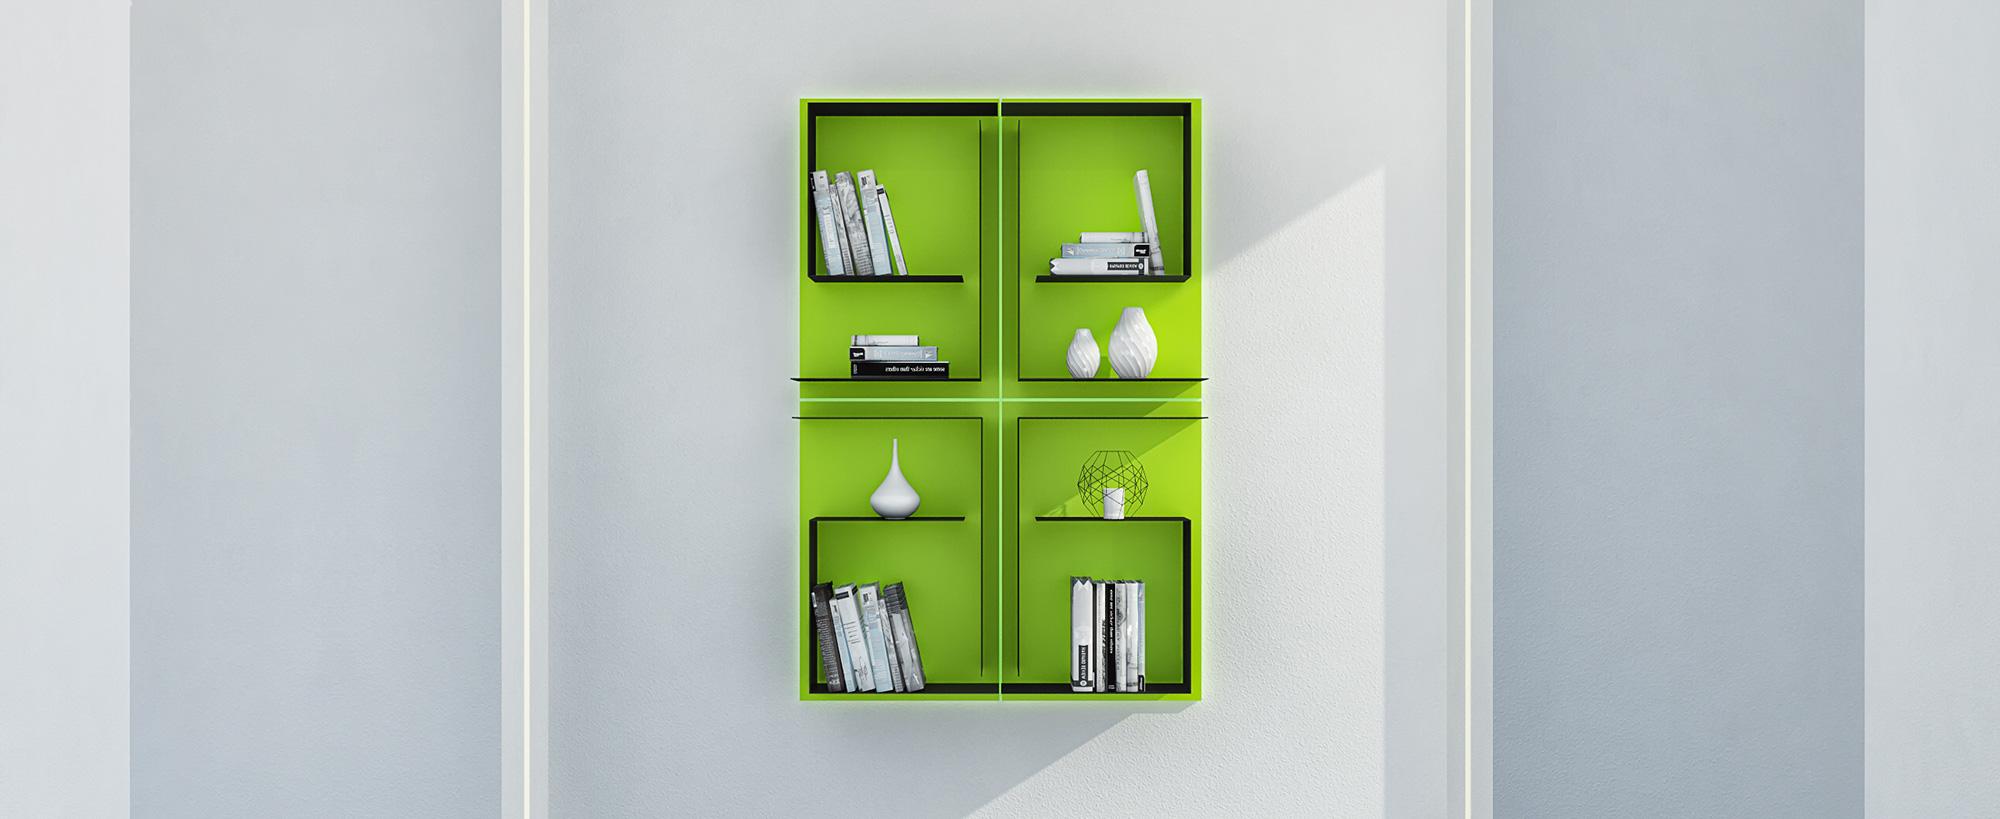 Libreria-Segno-1--2